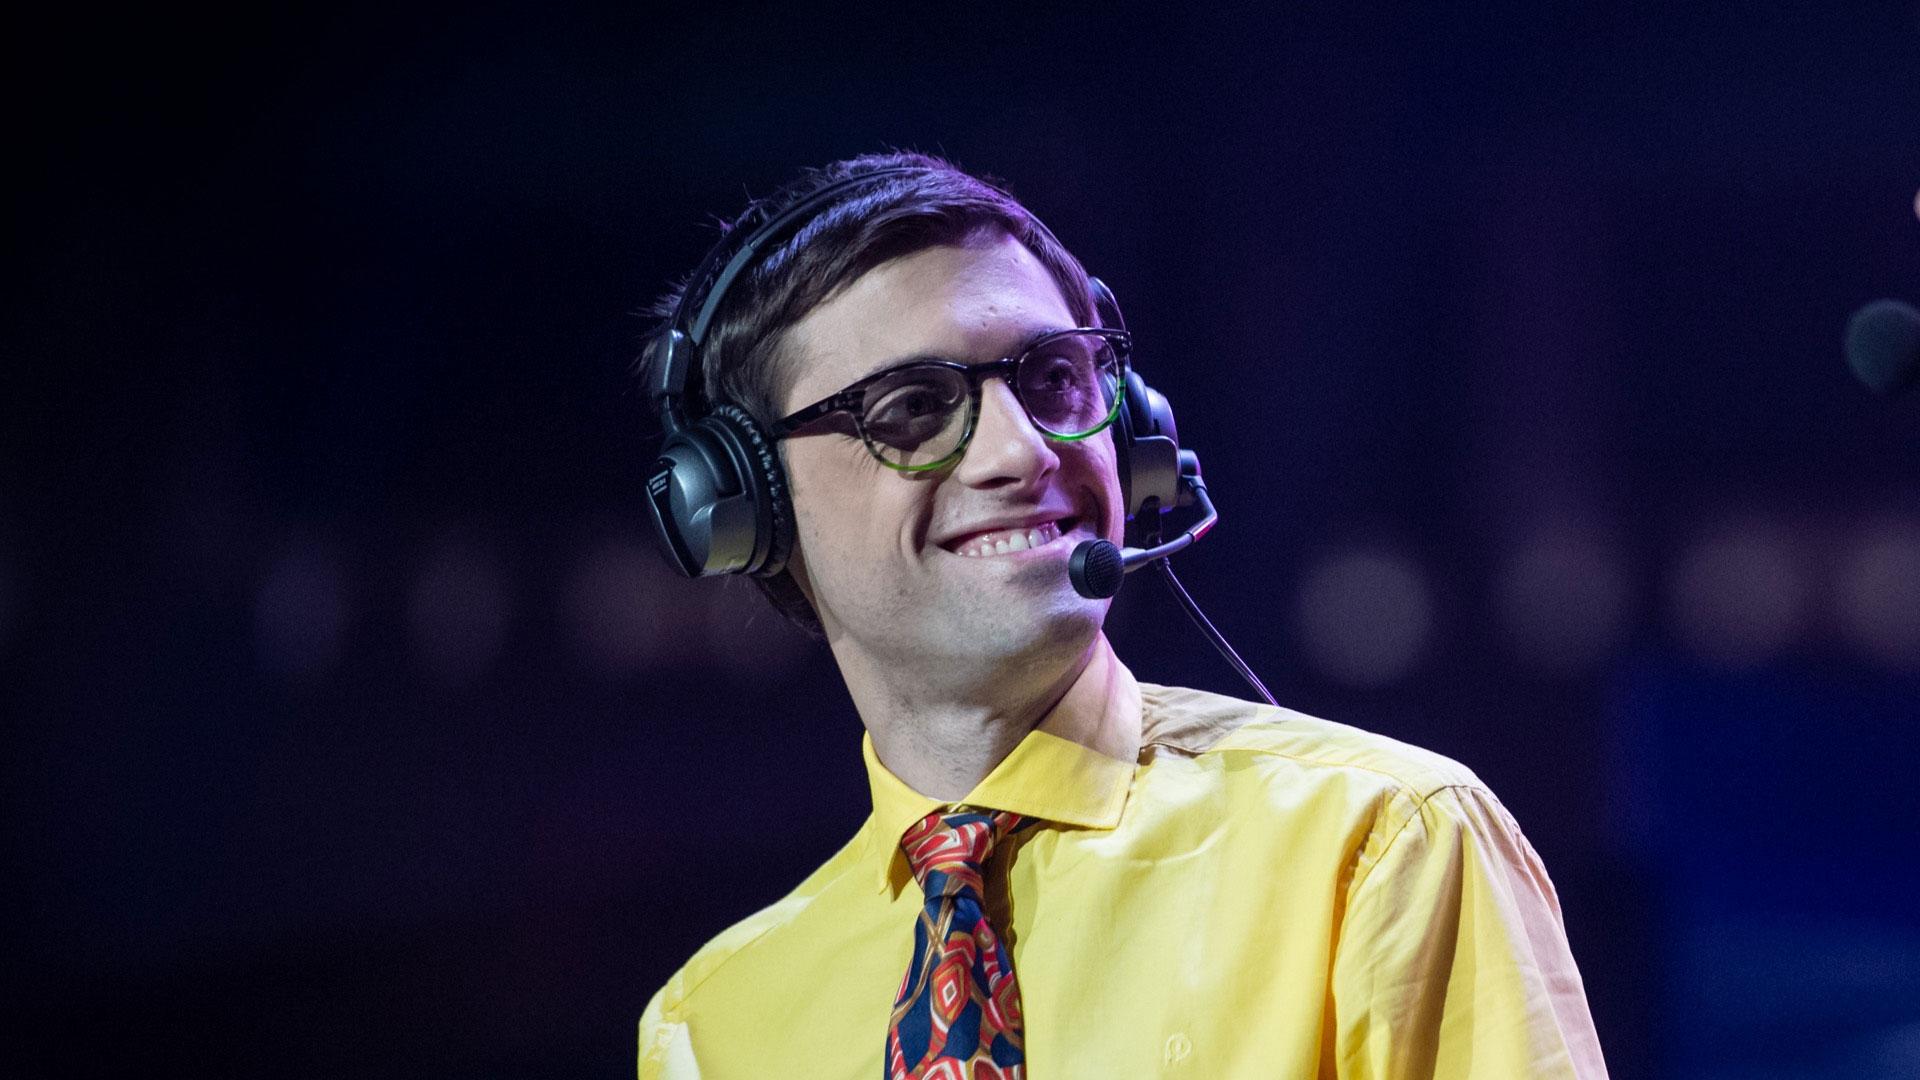 """Iasi Salomón, alias """"Oxaciano"""", trabajó como coach de LoL y ahora se desempeña como comentarista de videojuegos."""